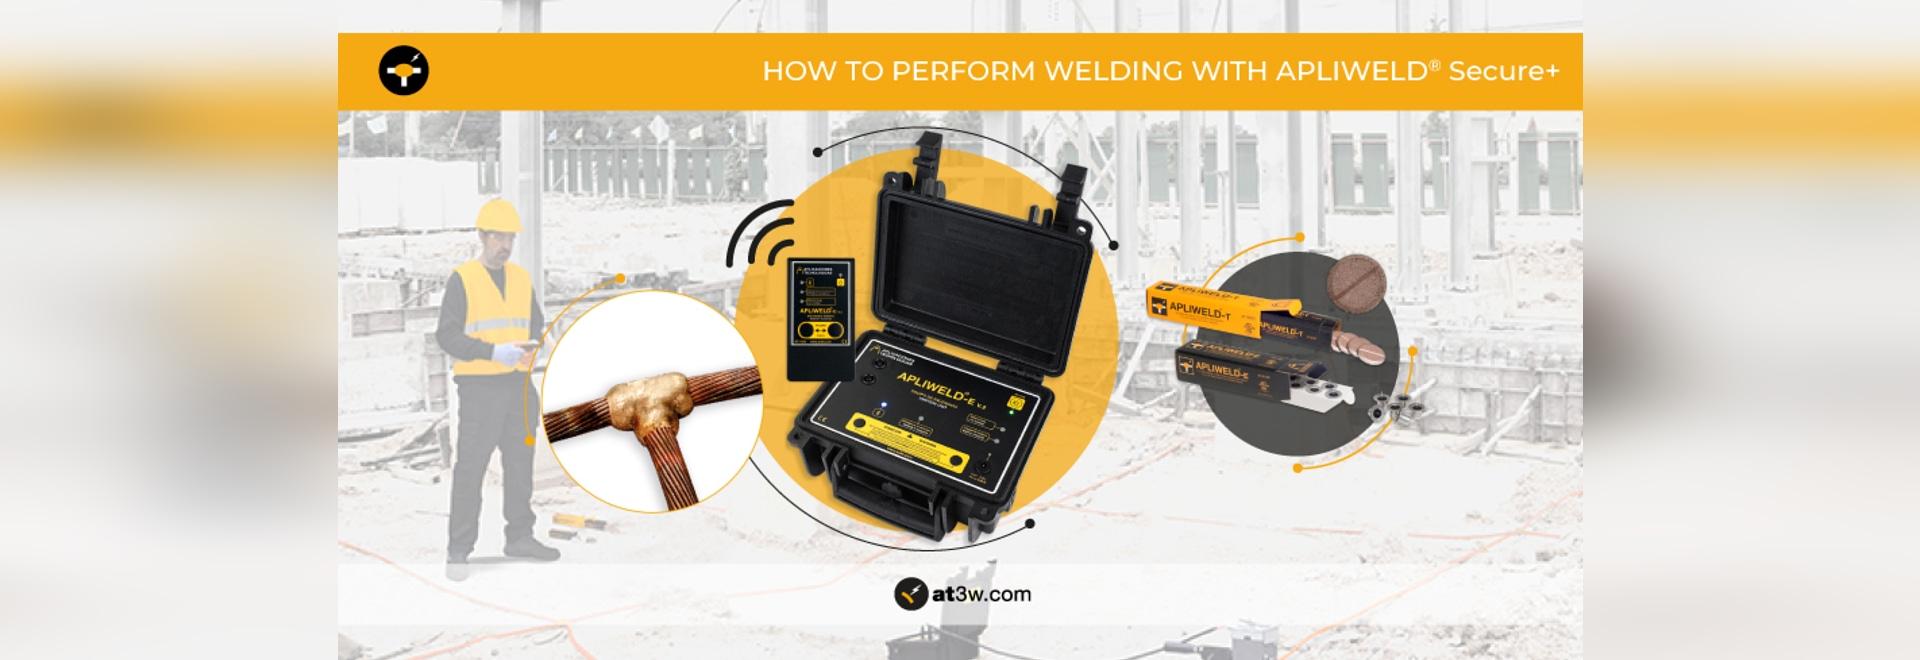 Comment effectuer un soudage exothermique avec l'allumage électronique Apliweld® Secure+ ?